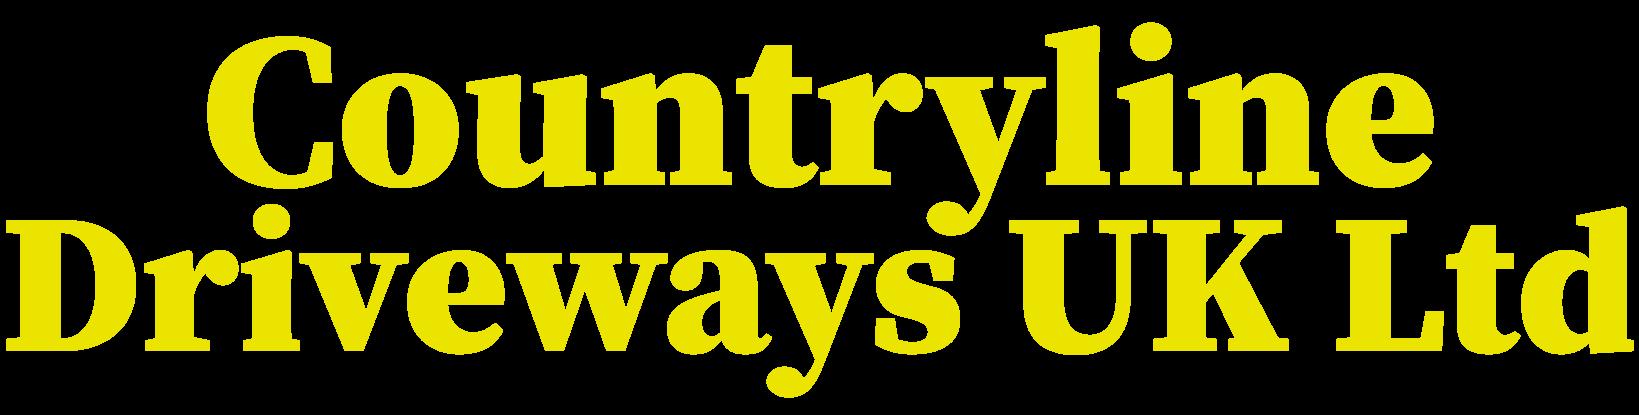 Countryline Driveways